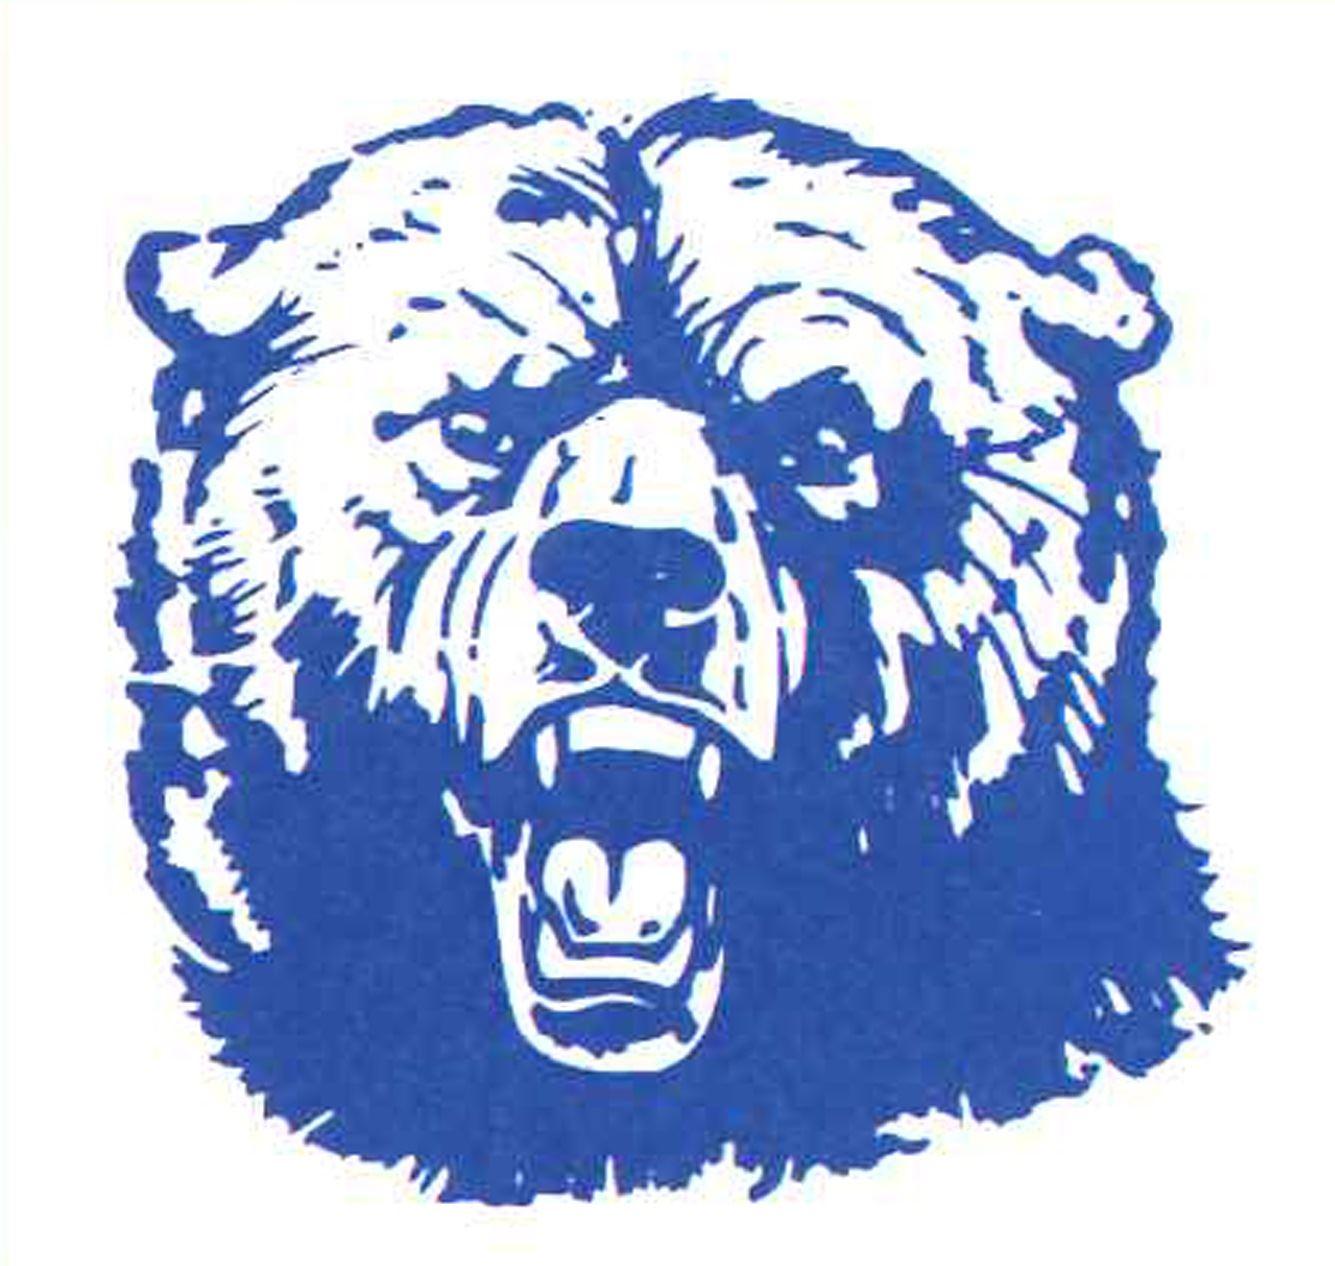 Leetonia Little Bears Association - Leetonia Little Bears Varsity